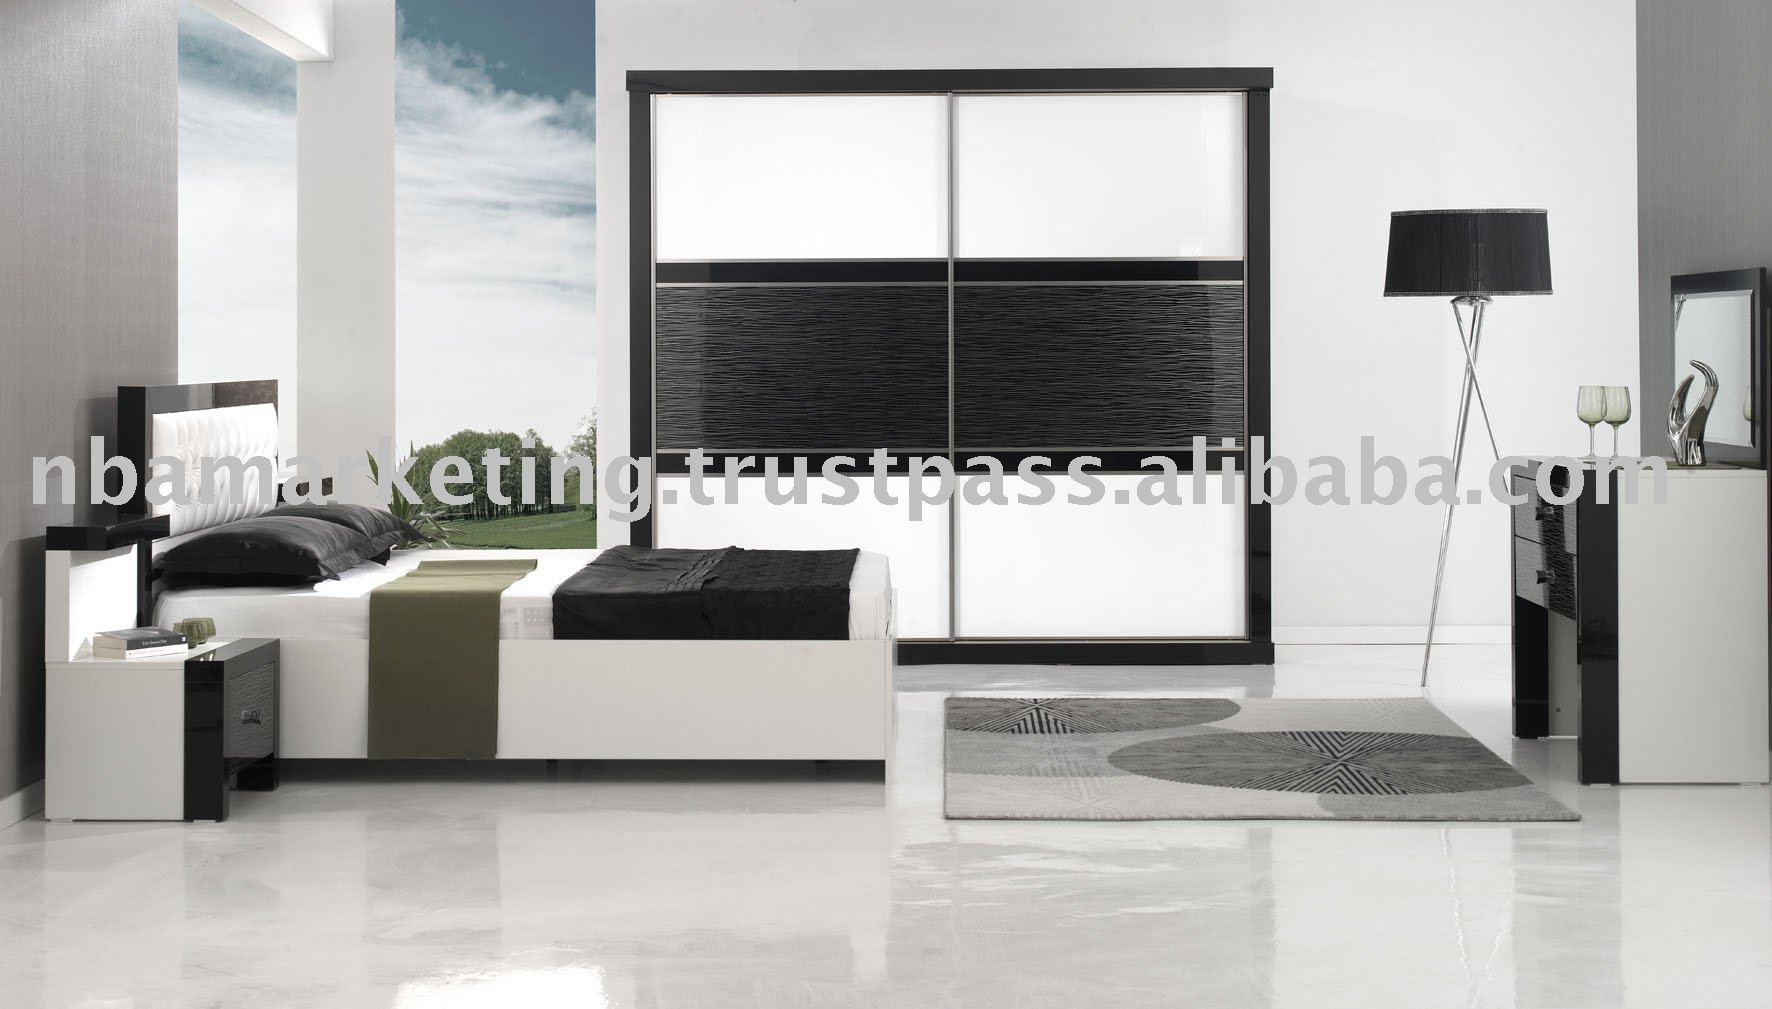 Bedroom Set Furniture Home Concept, Bedroom Set Furniture Home